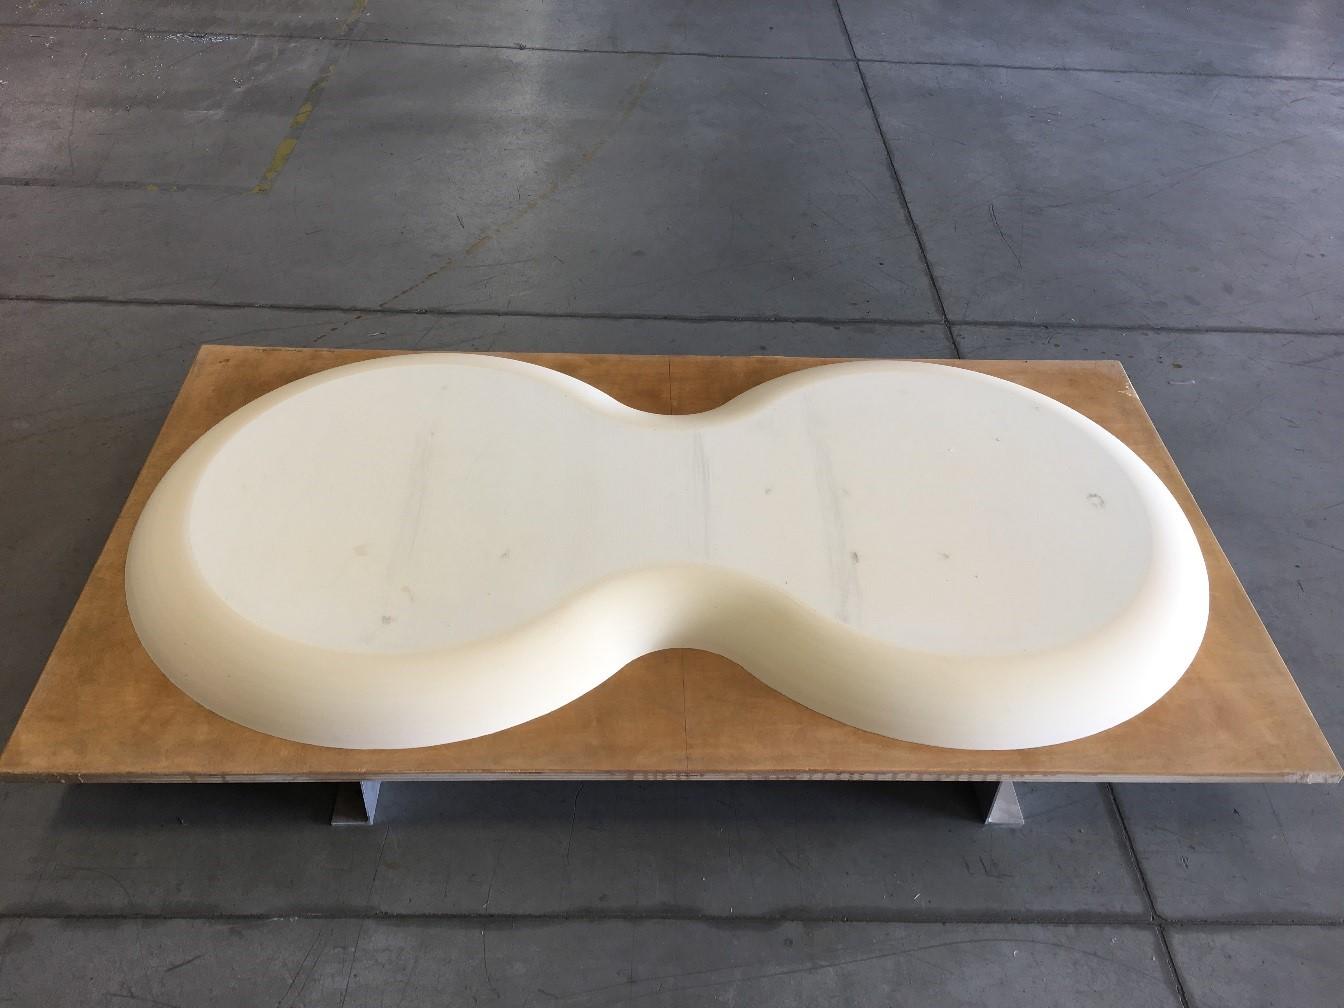 HYTAC LPX mold